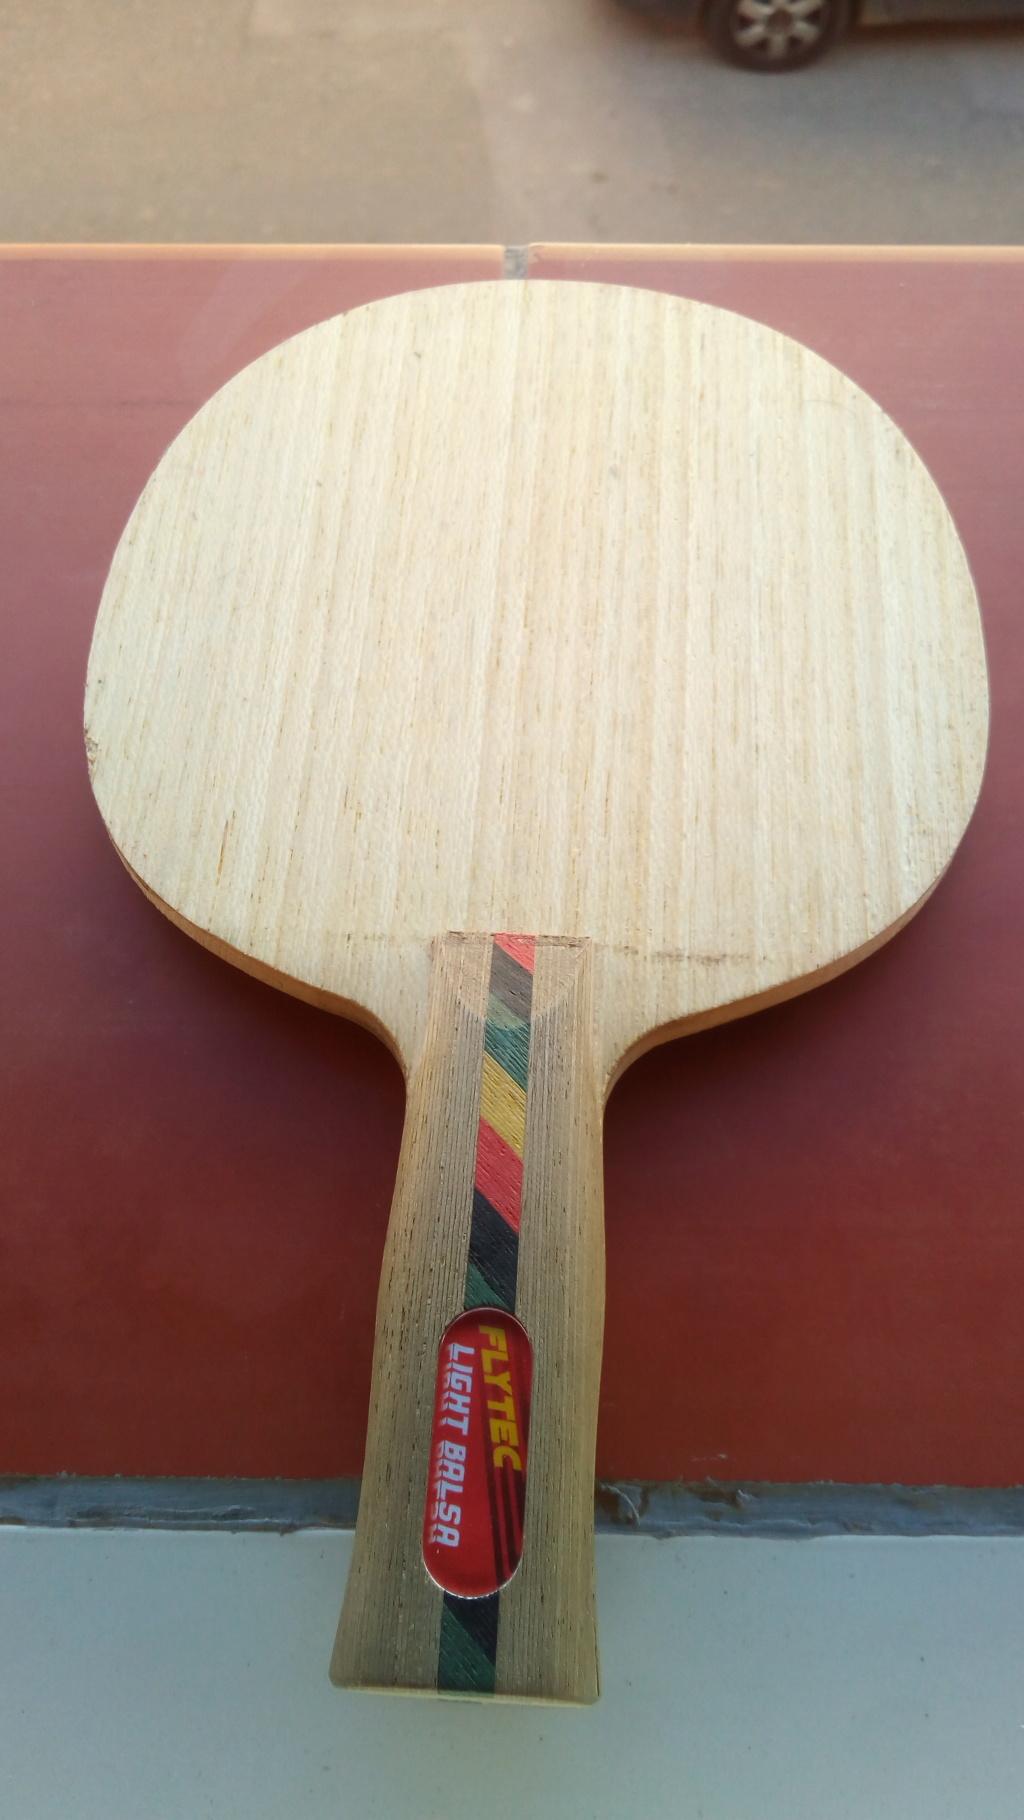 2 raquettes combi tackiness c et picot 15379712